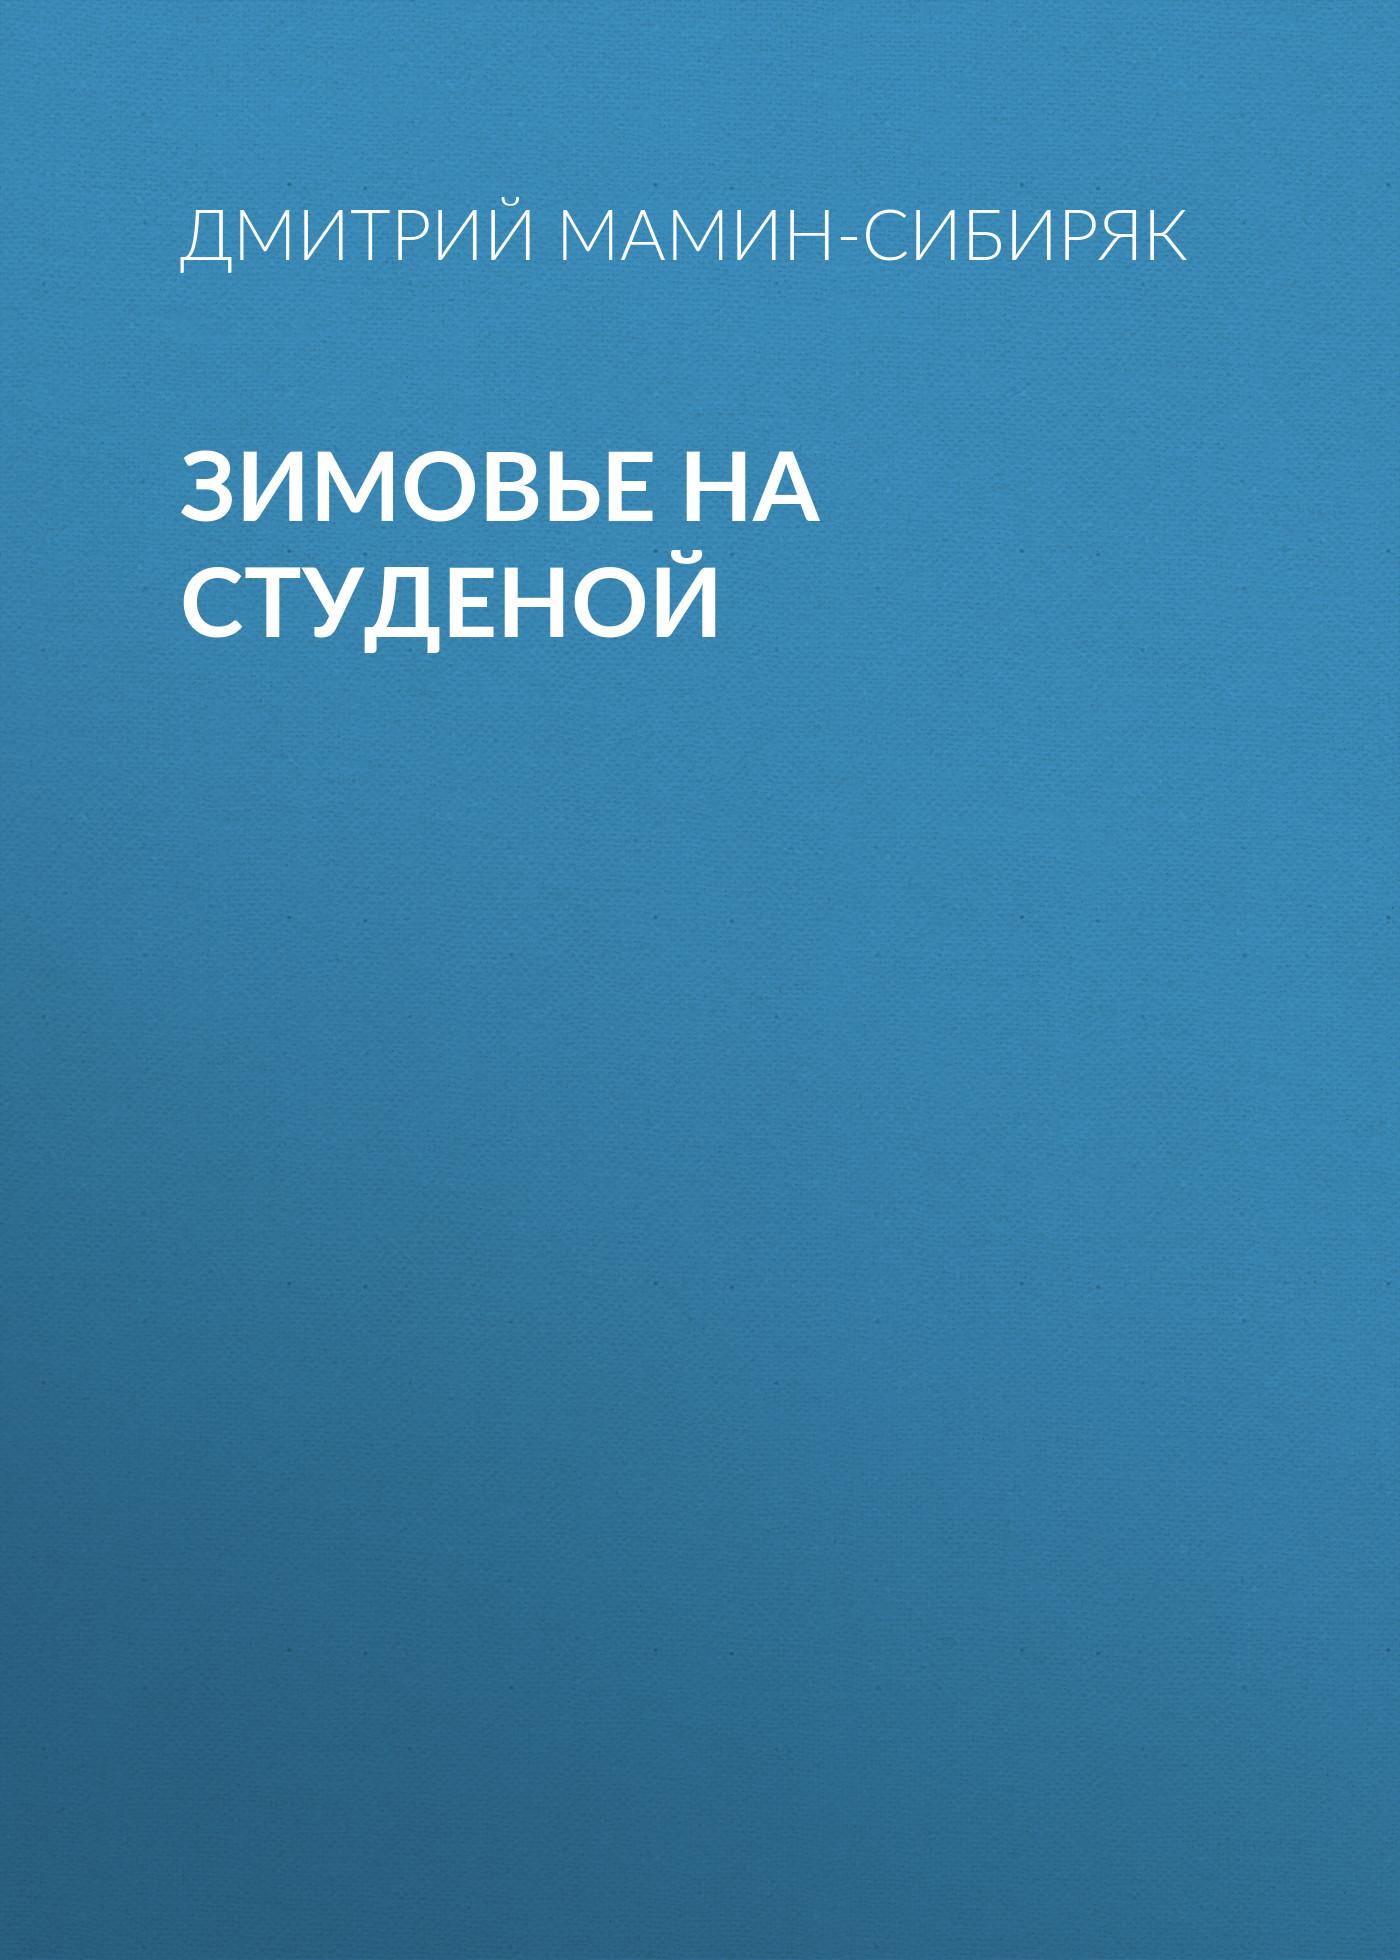 Дмитрий Мамин-Сибиряк Зимовье на Студеной леонид леонидович вариченко постижение в гомеры – поздно а в орфеи – рано